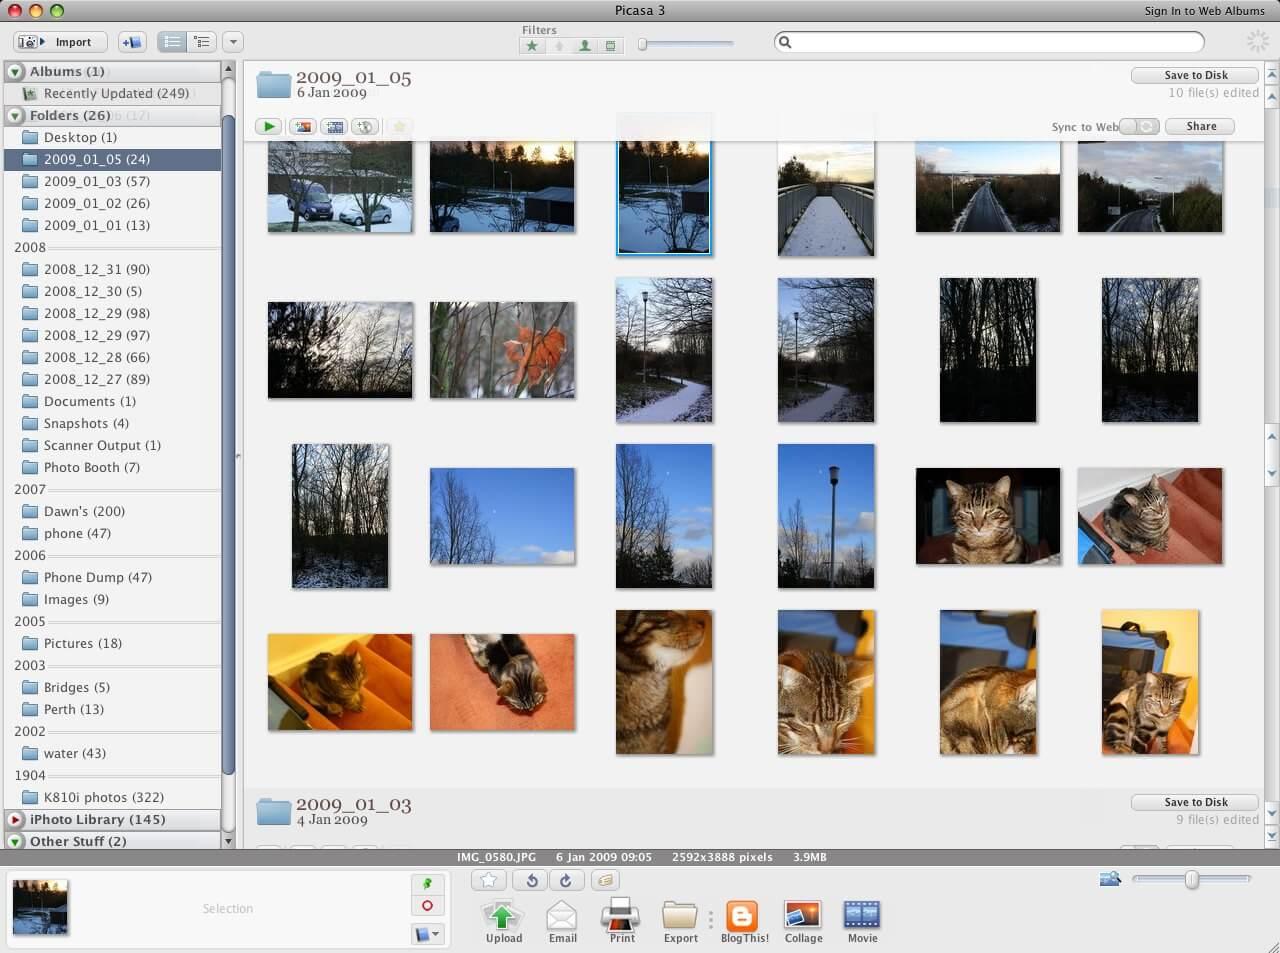 Download Picasa mien phi cho windows phan mem quan ly hinh anh tot nhat